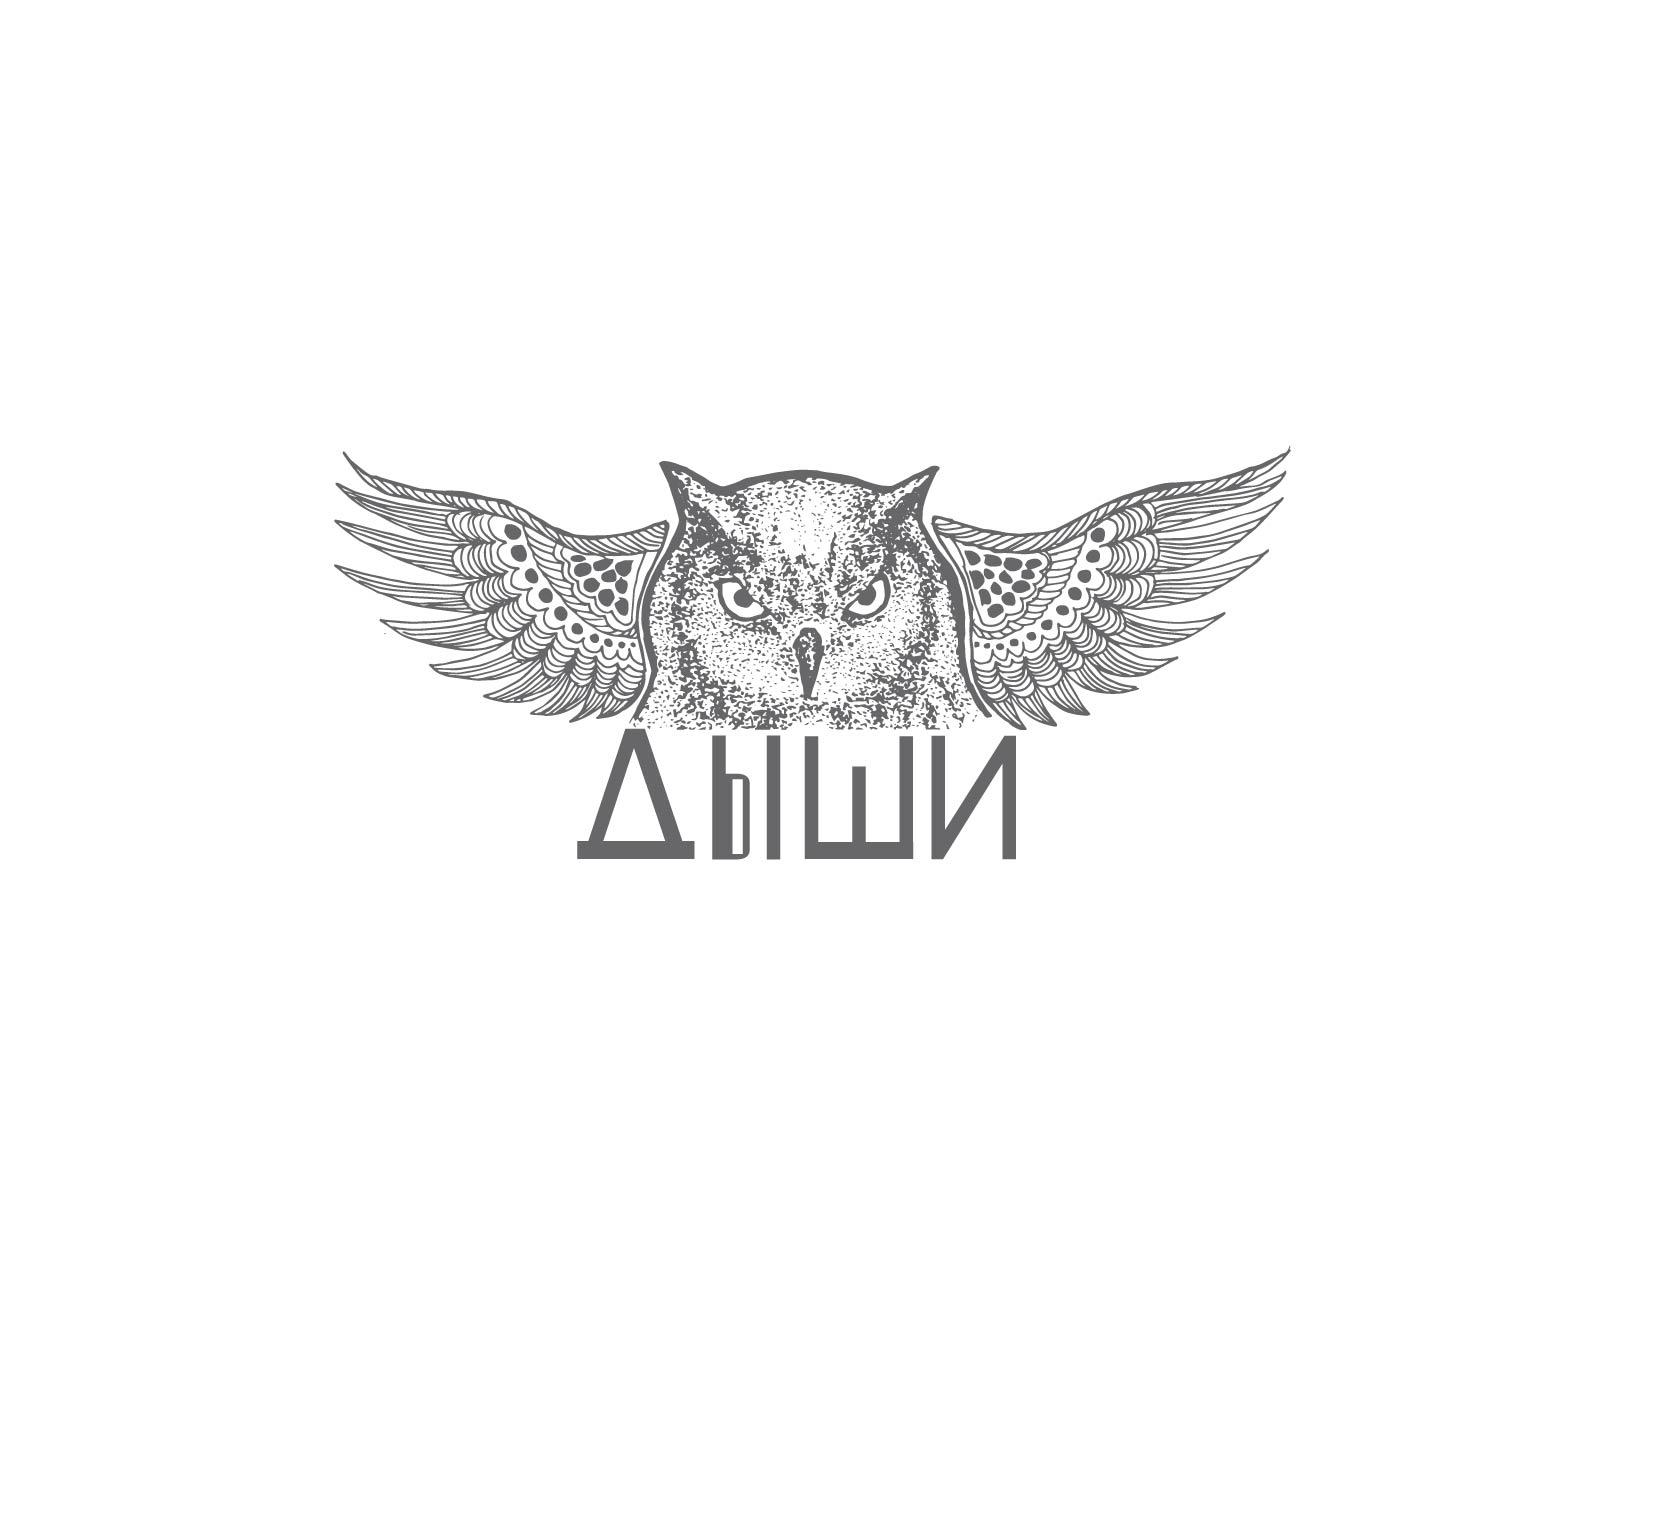 """Логотип для студии """"Дыши""""  и фирменный стиль фото f_09956fc0c630ce58.jpg"""